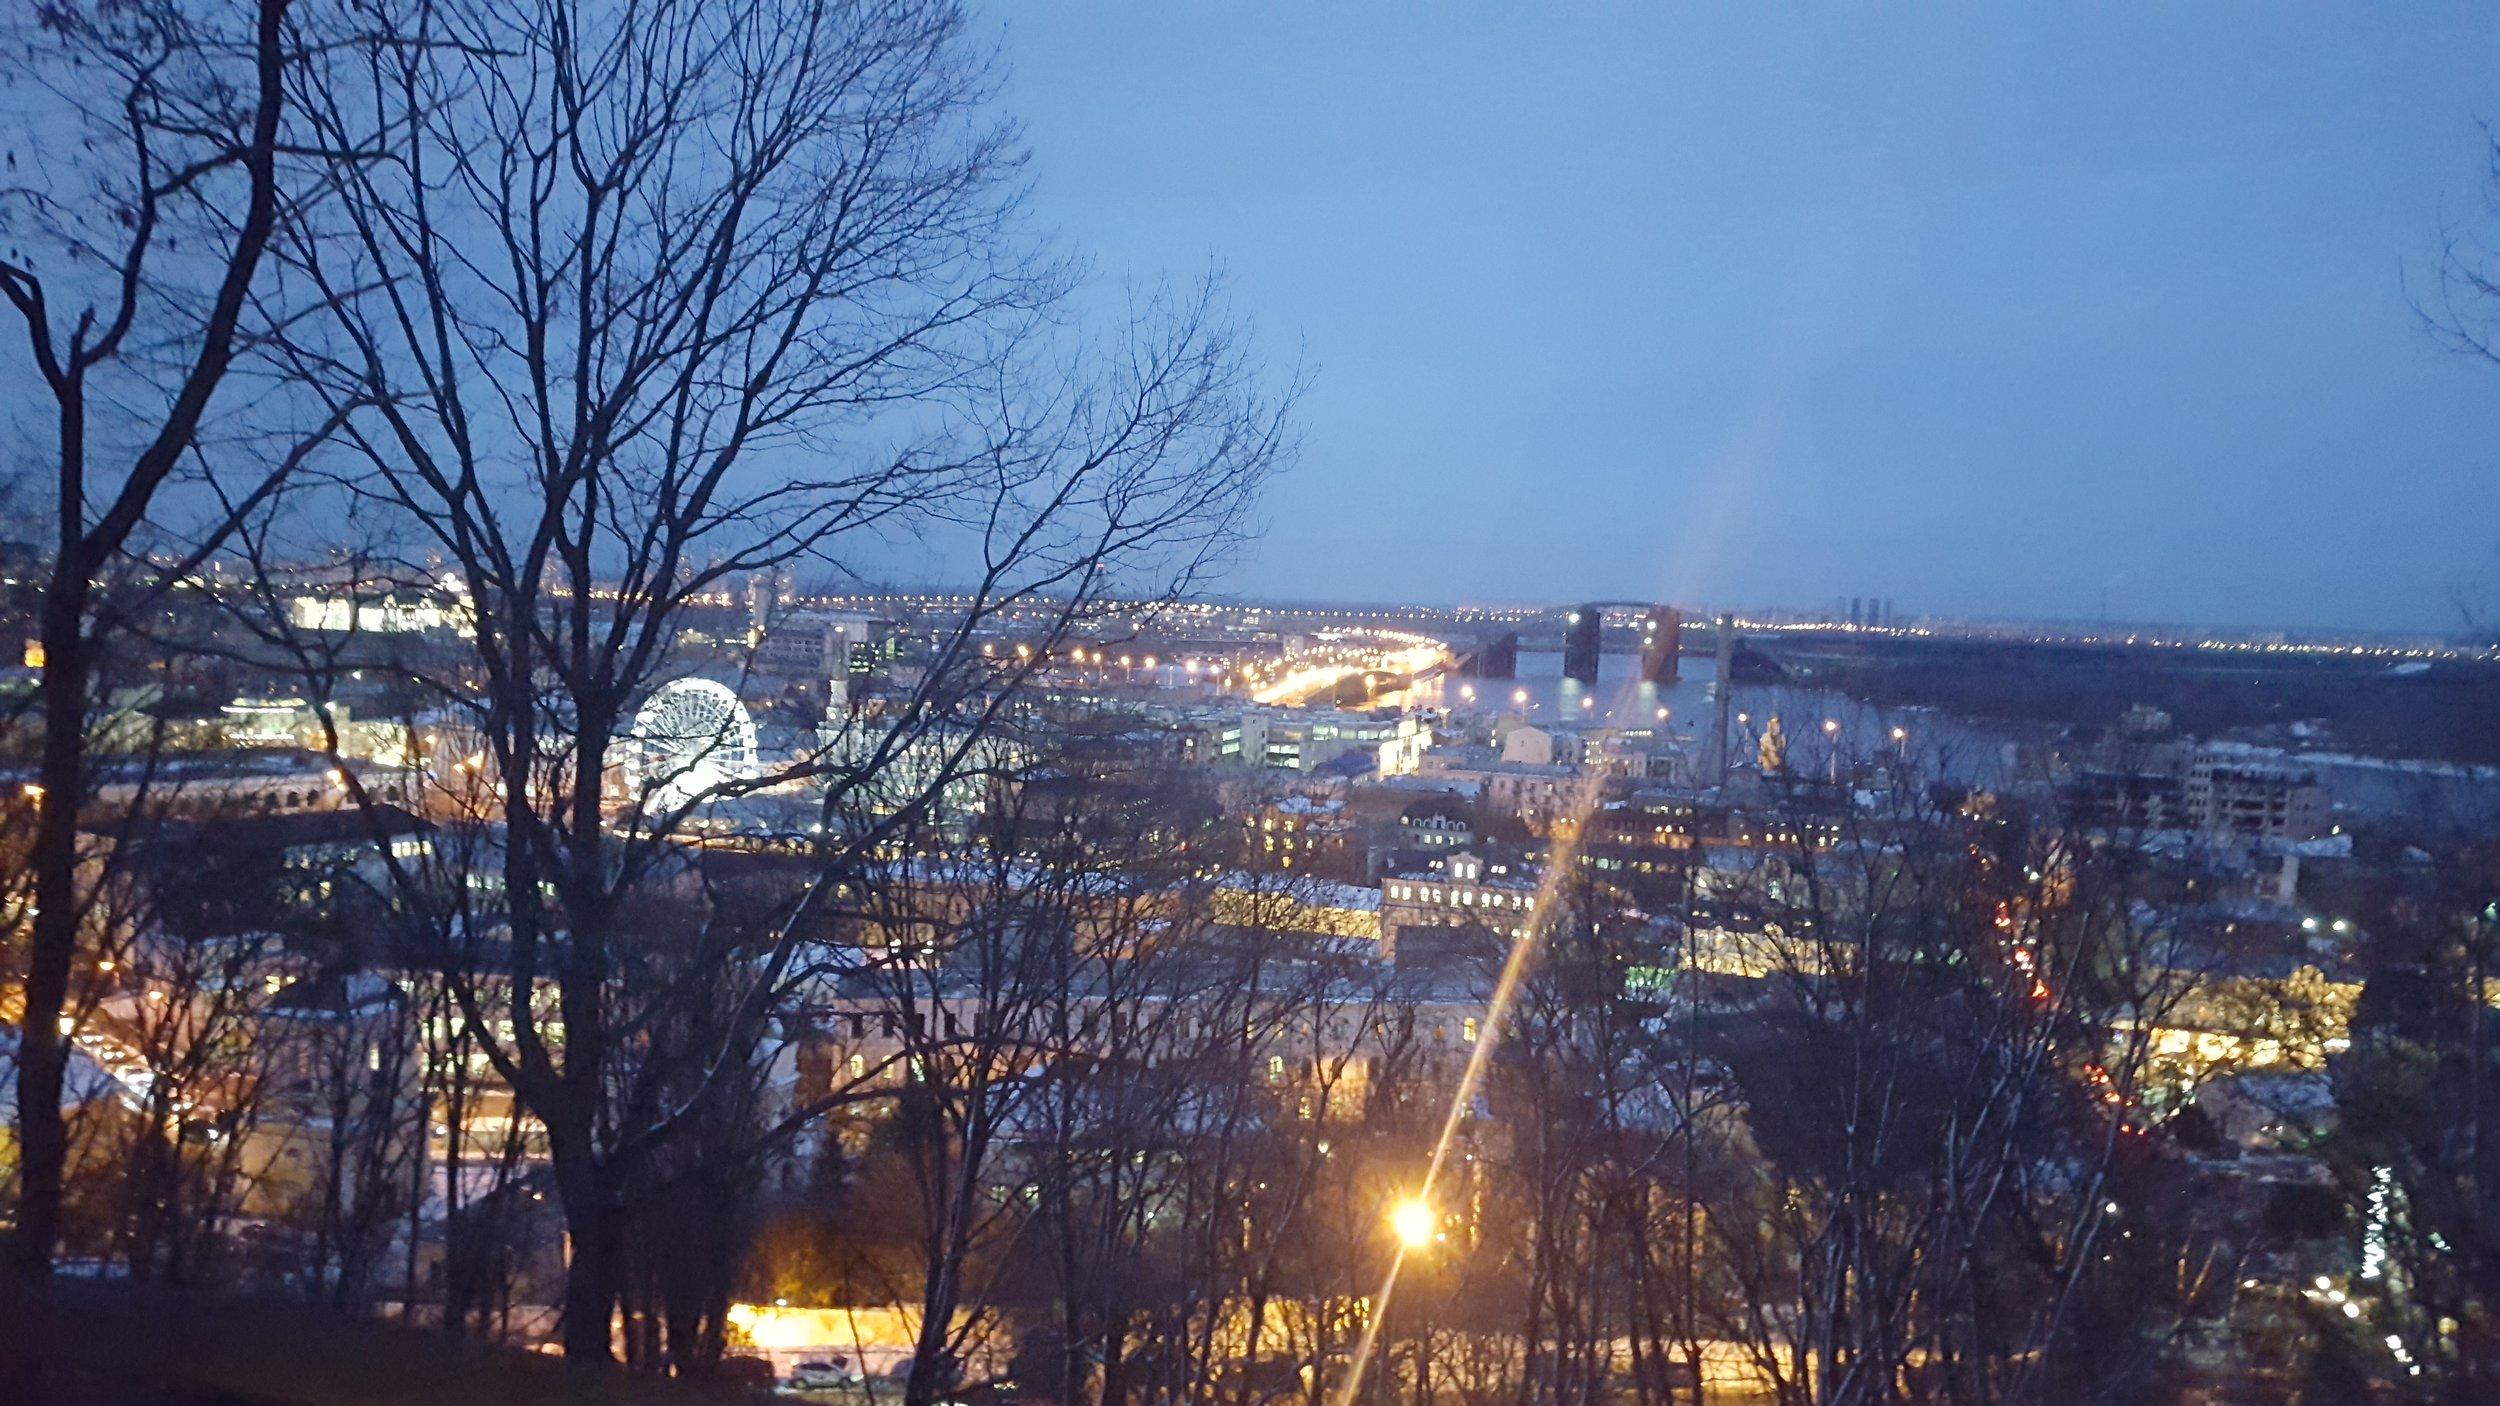 Kiev at night. 2/2019.